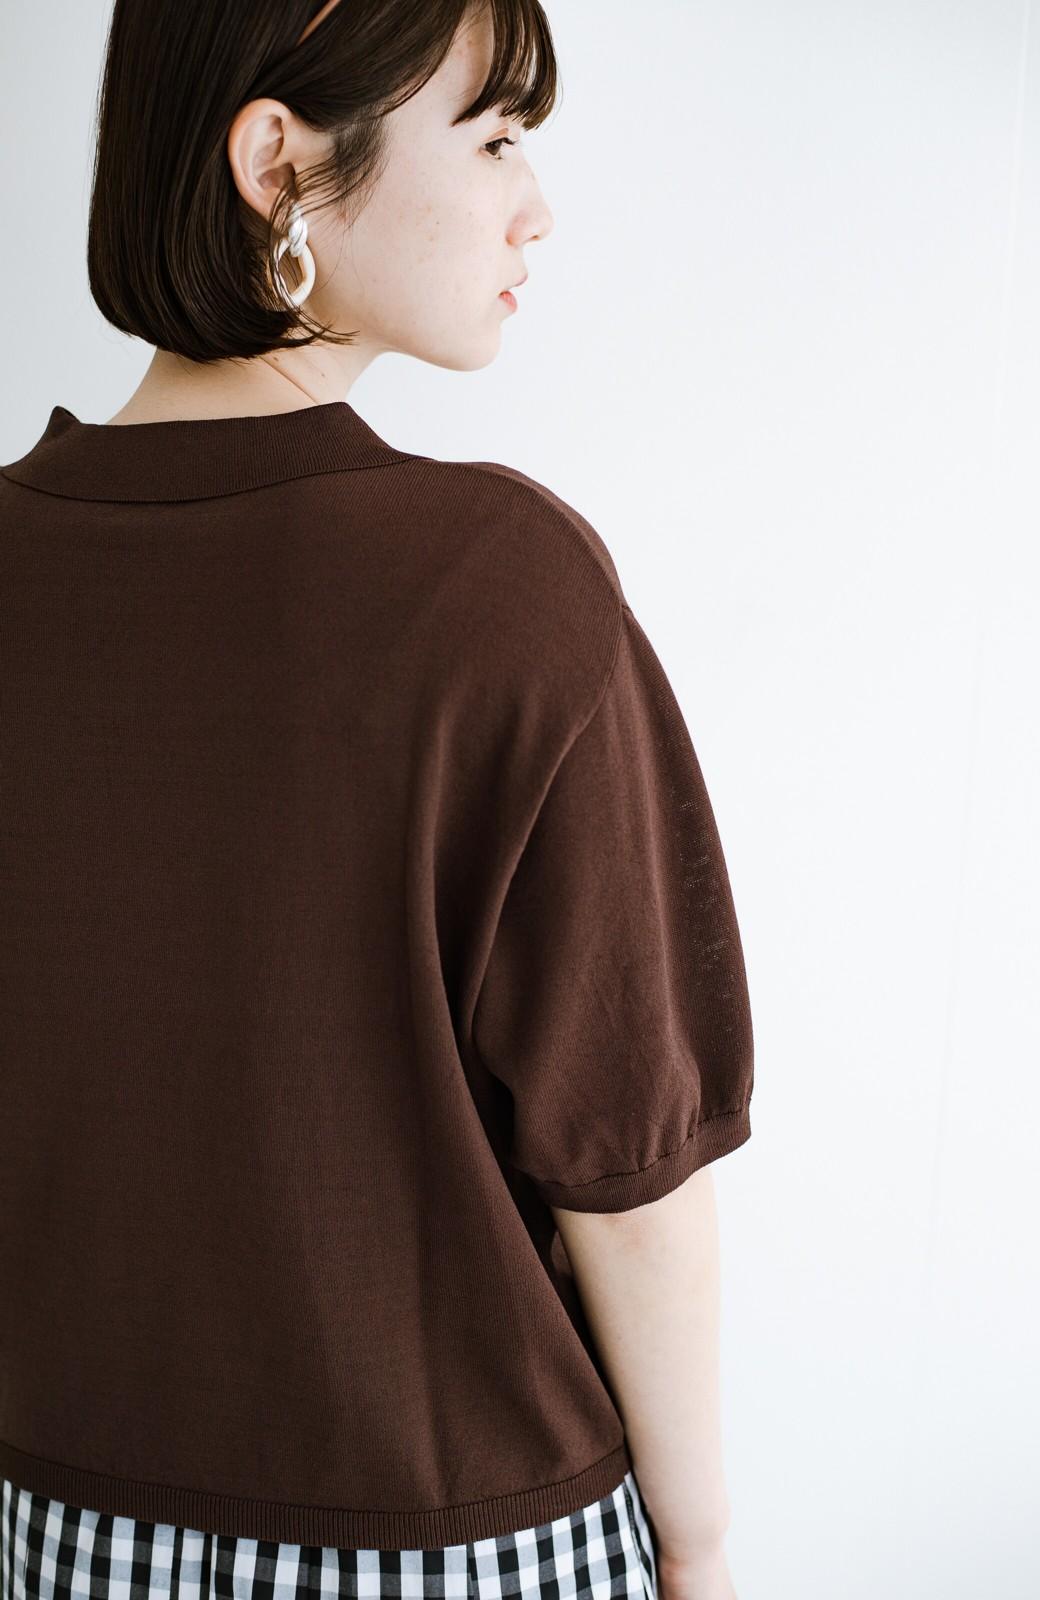 haco! Tシャツ代わりに着ておしゃれ気分が高まる 洗濯機で洗えるポロニットトップス <ブラウン>の商品写真8